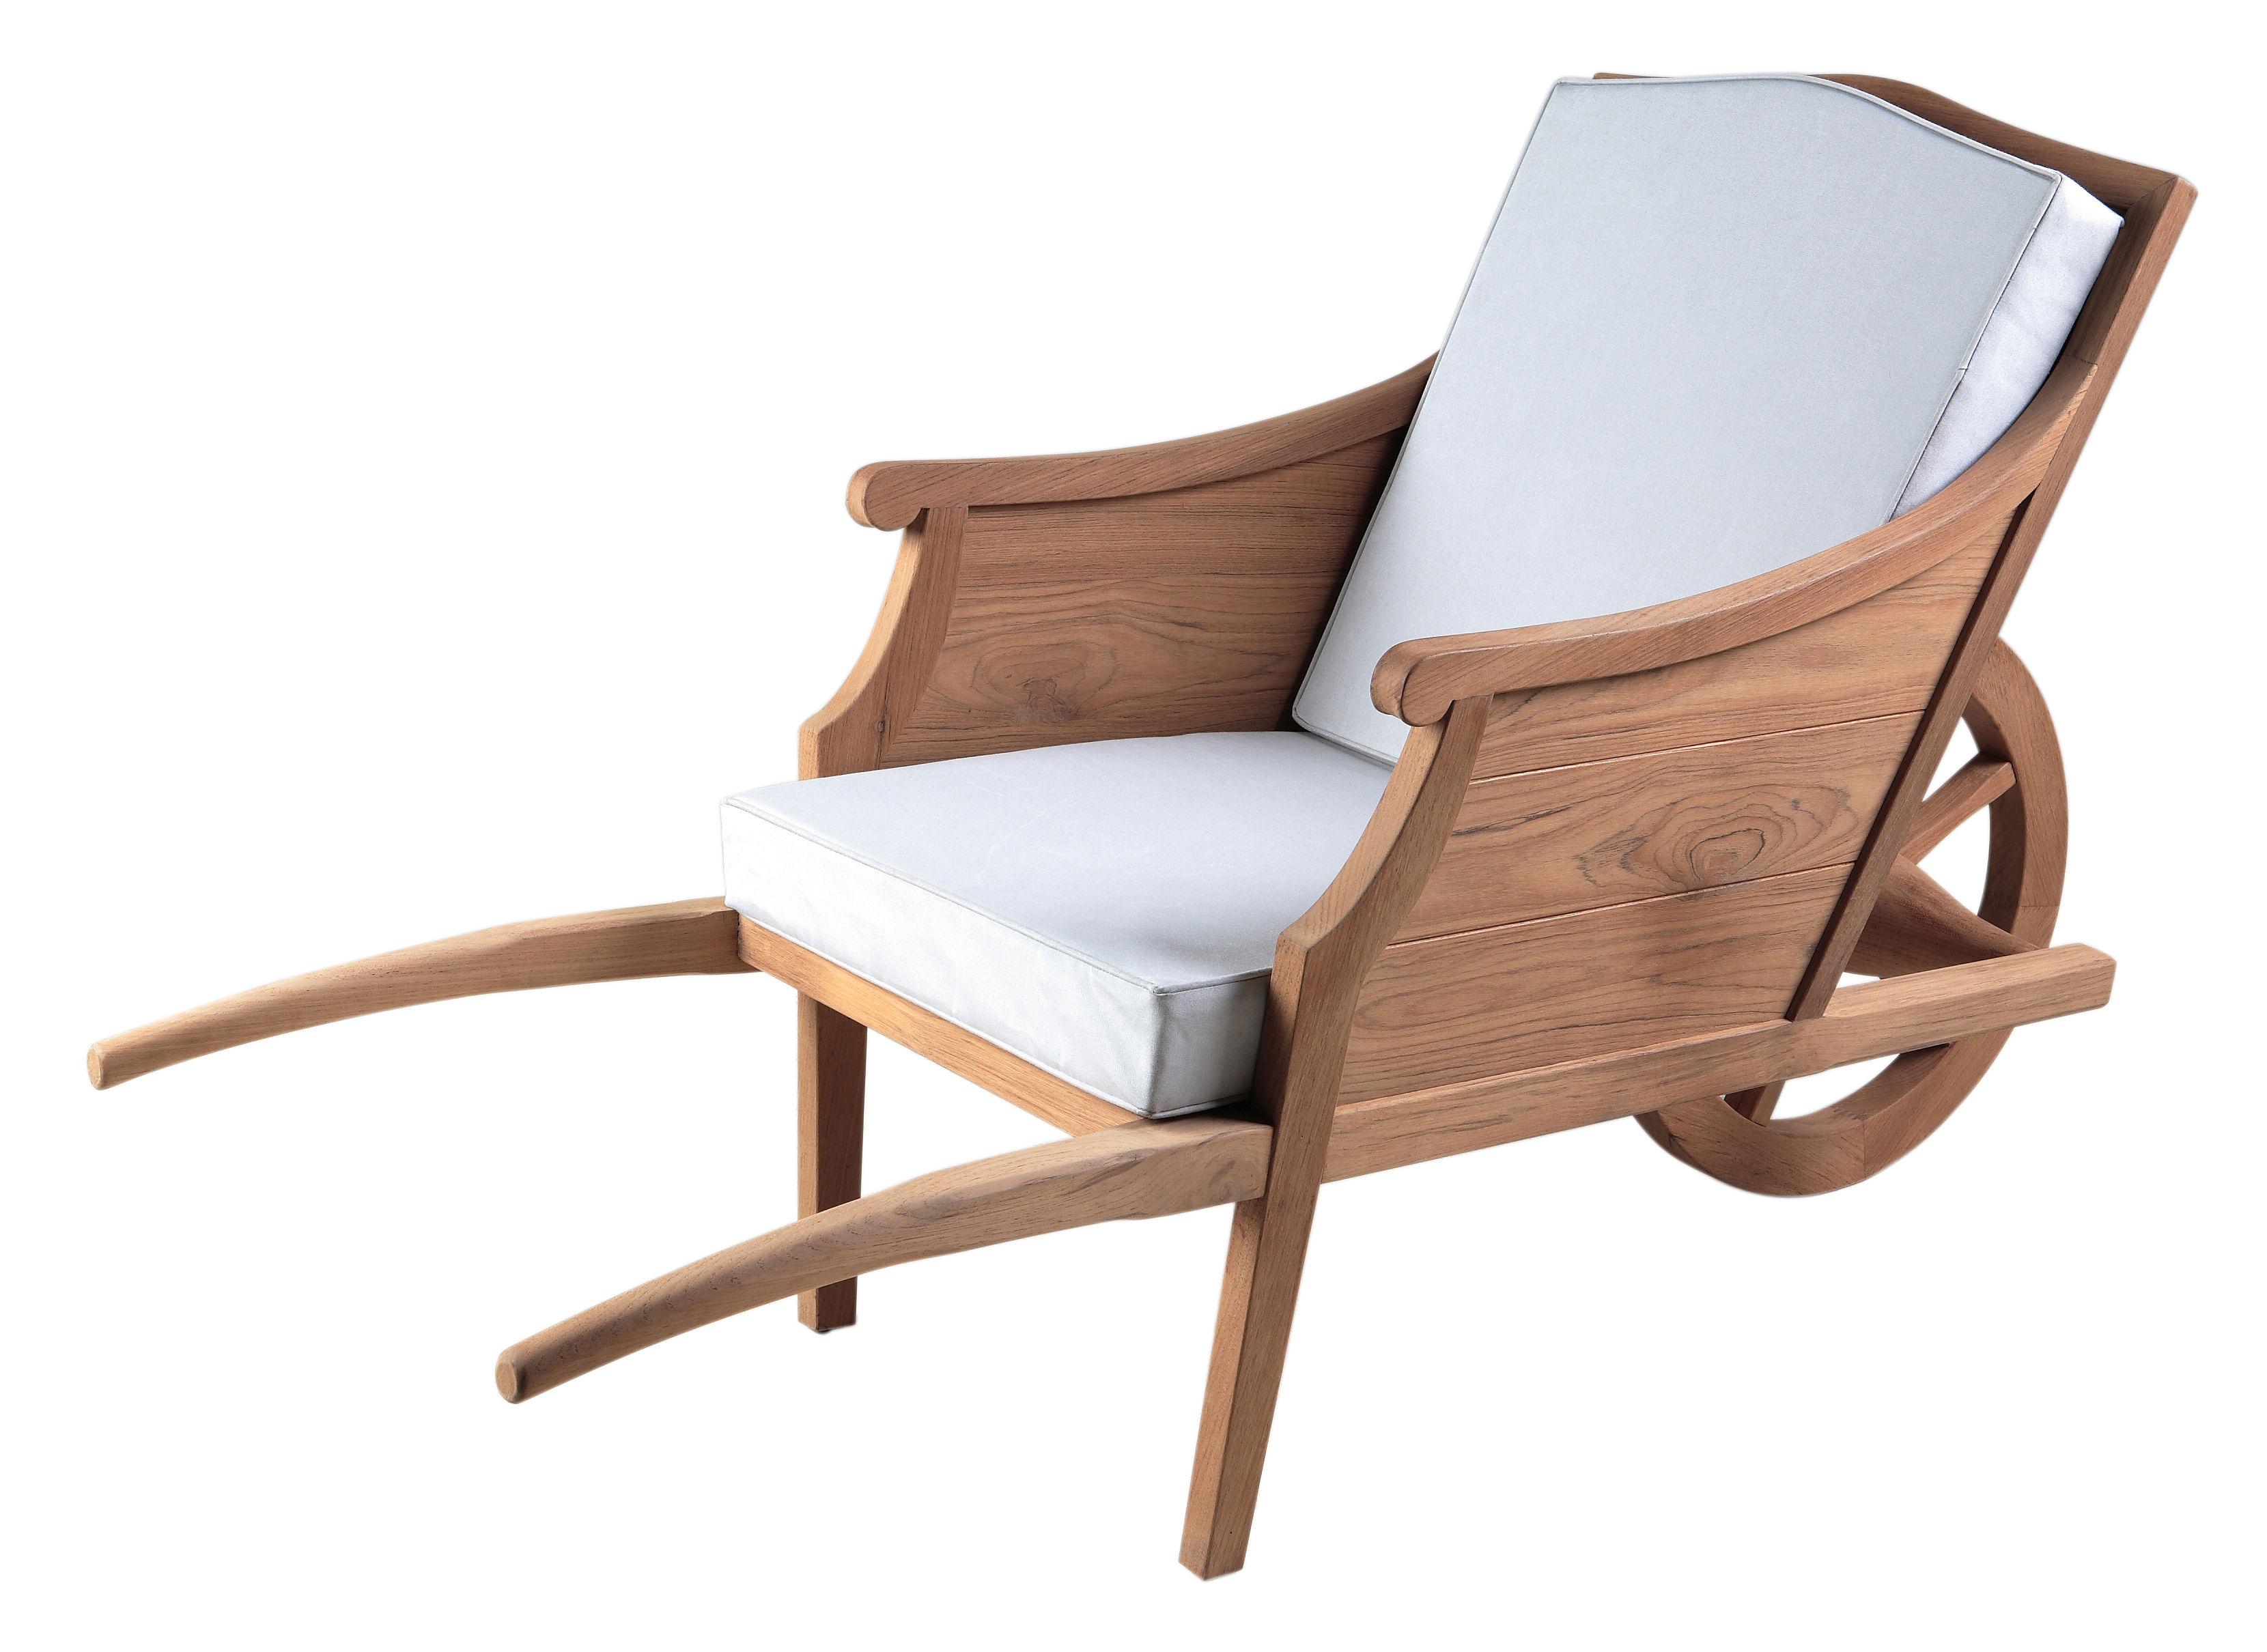 fauteuil ceci n 39 est pas une brouette outdoor teck coussins blancs xo. Black Bedroom Furniture Sets. Home Design Ideas